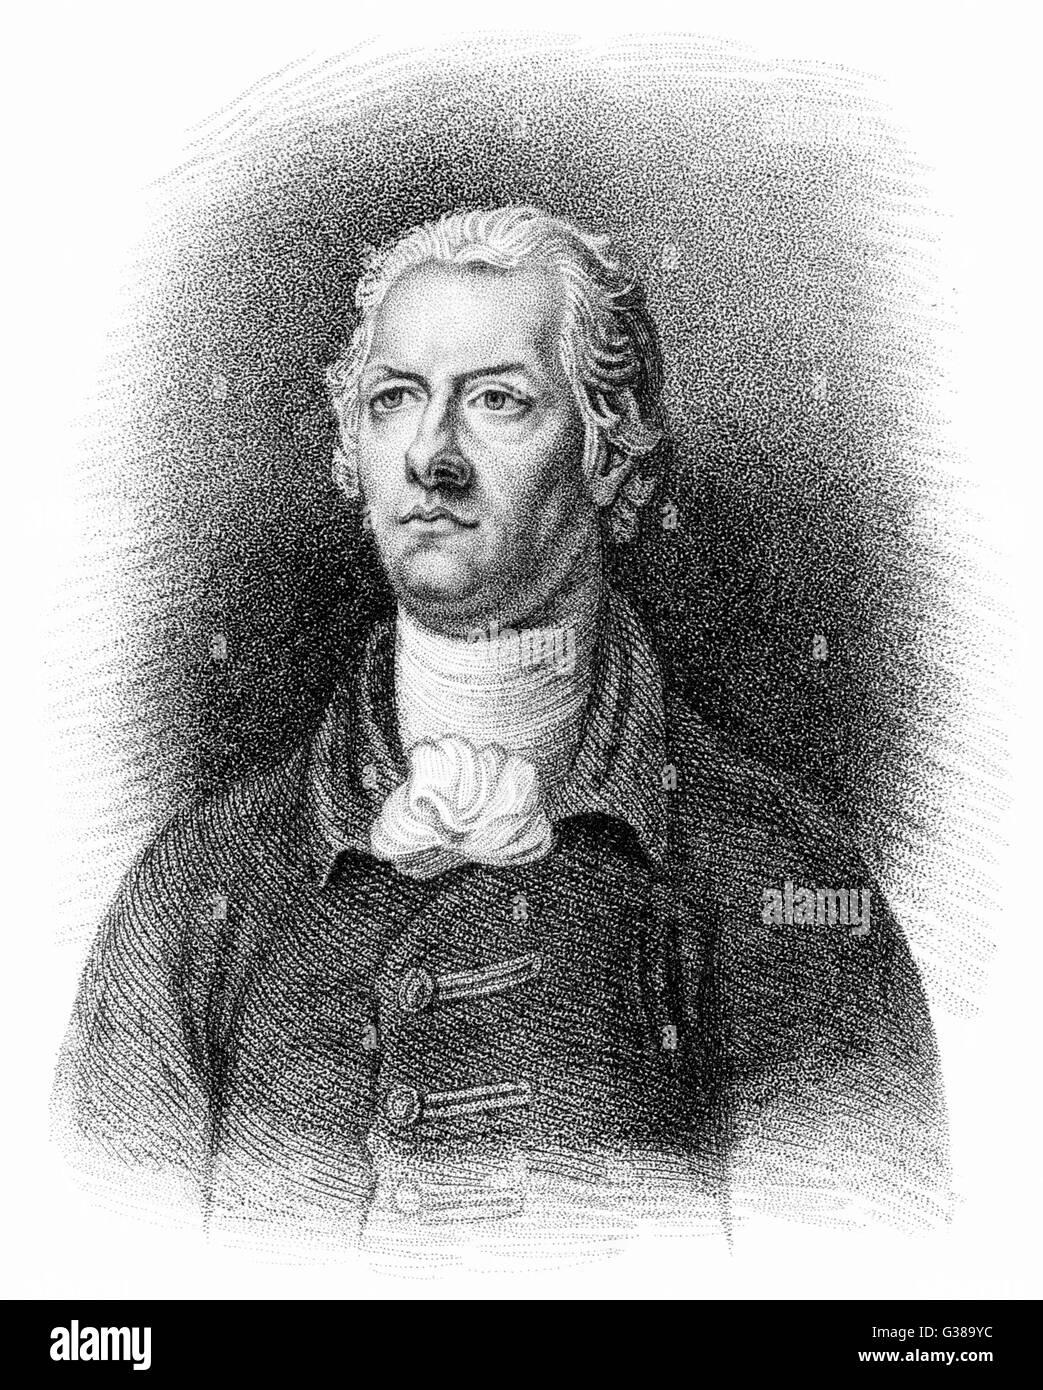 WILLIAM PITT Le jeune politicien anglais deuxième fils du 1er comte de Chatham Date: 1759 - 1806 Photo Stock